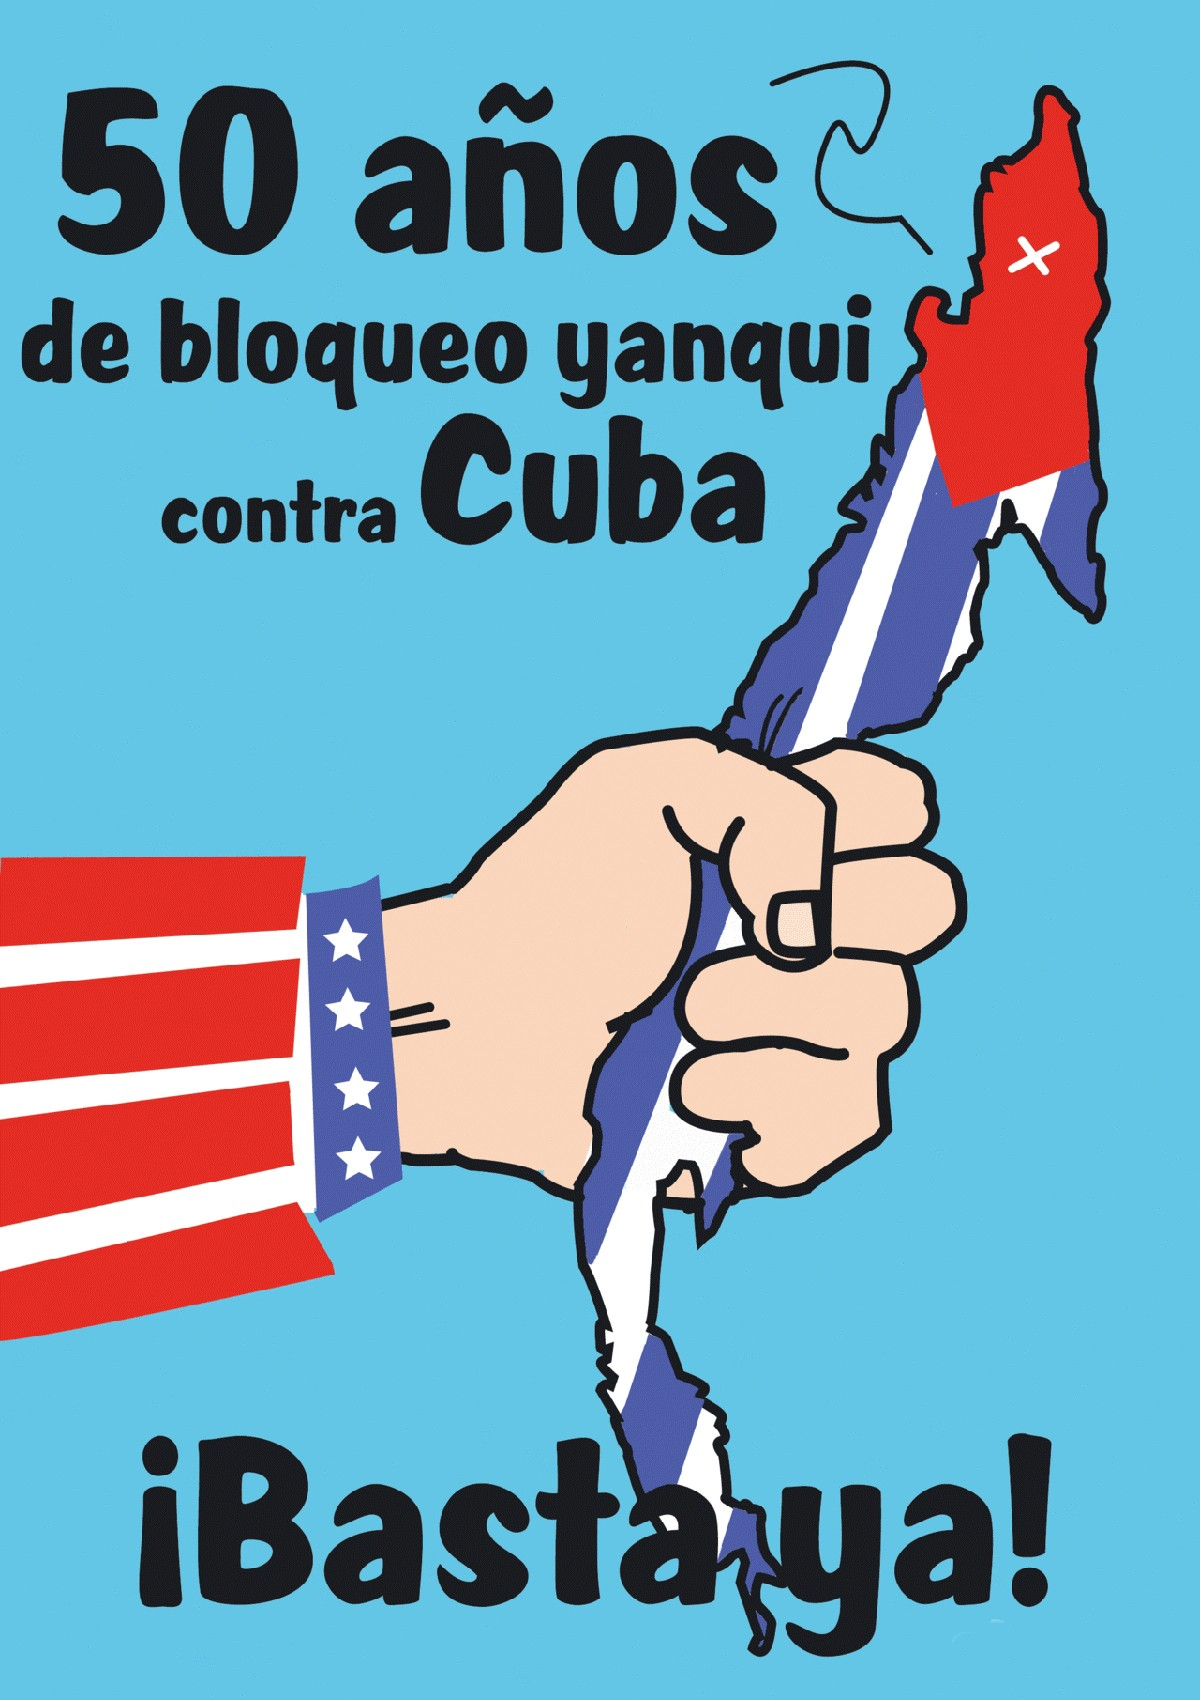 00 Anti-Cuba Blockade poster. 04.12